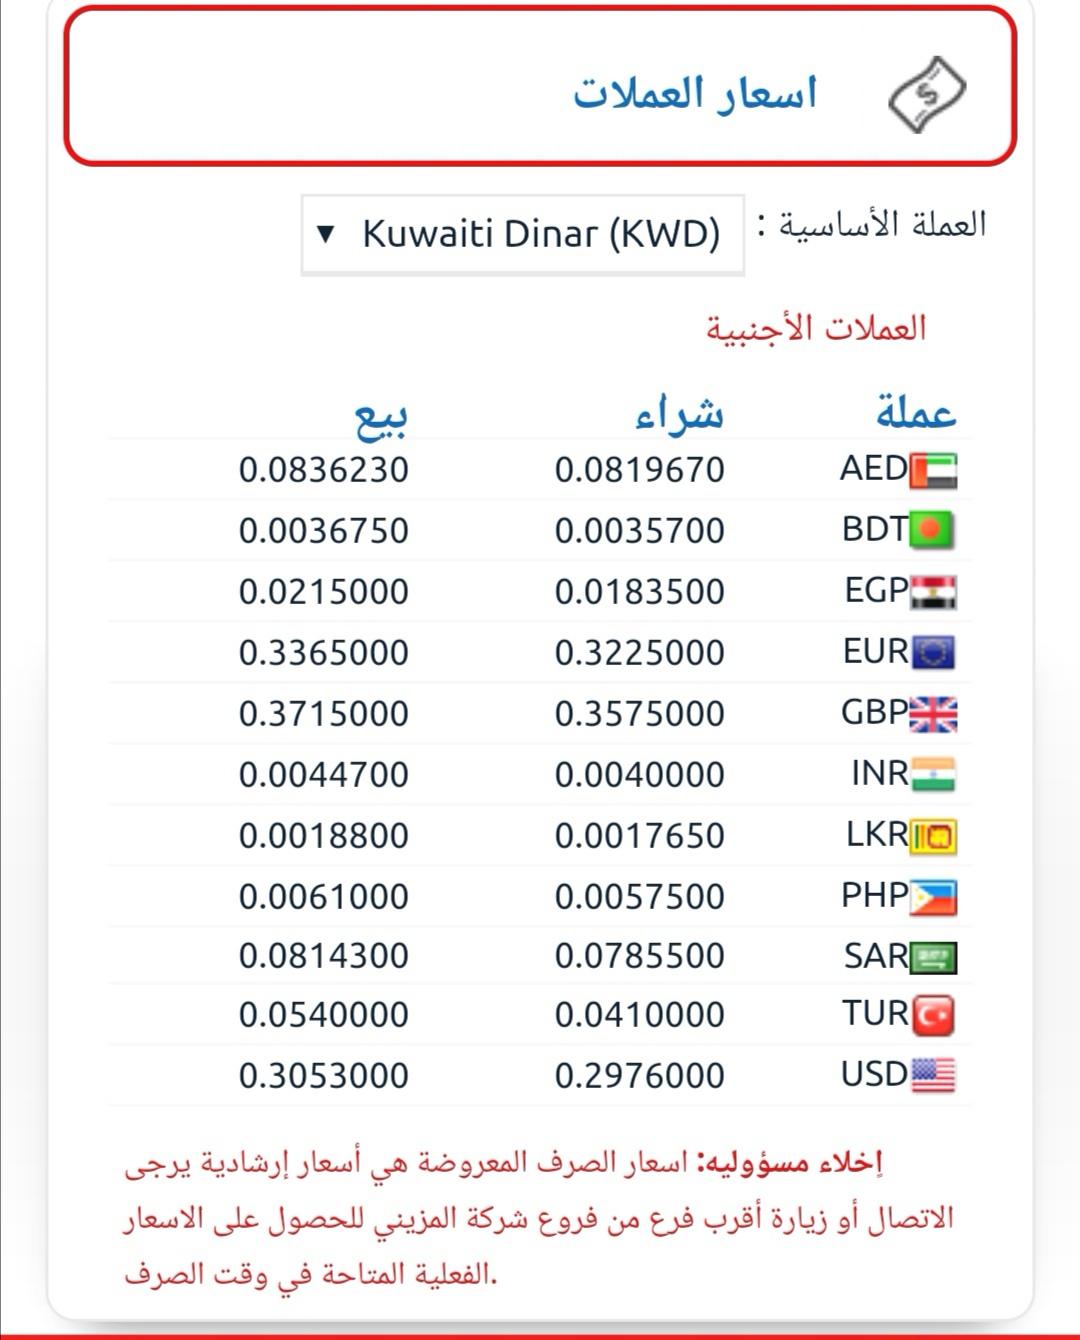 اسعار المزينى اليوم سعر الالف المصري اسعار العملات فى الكويت الان